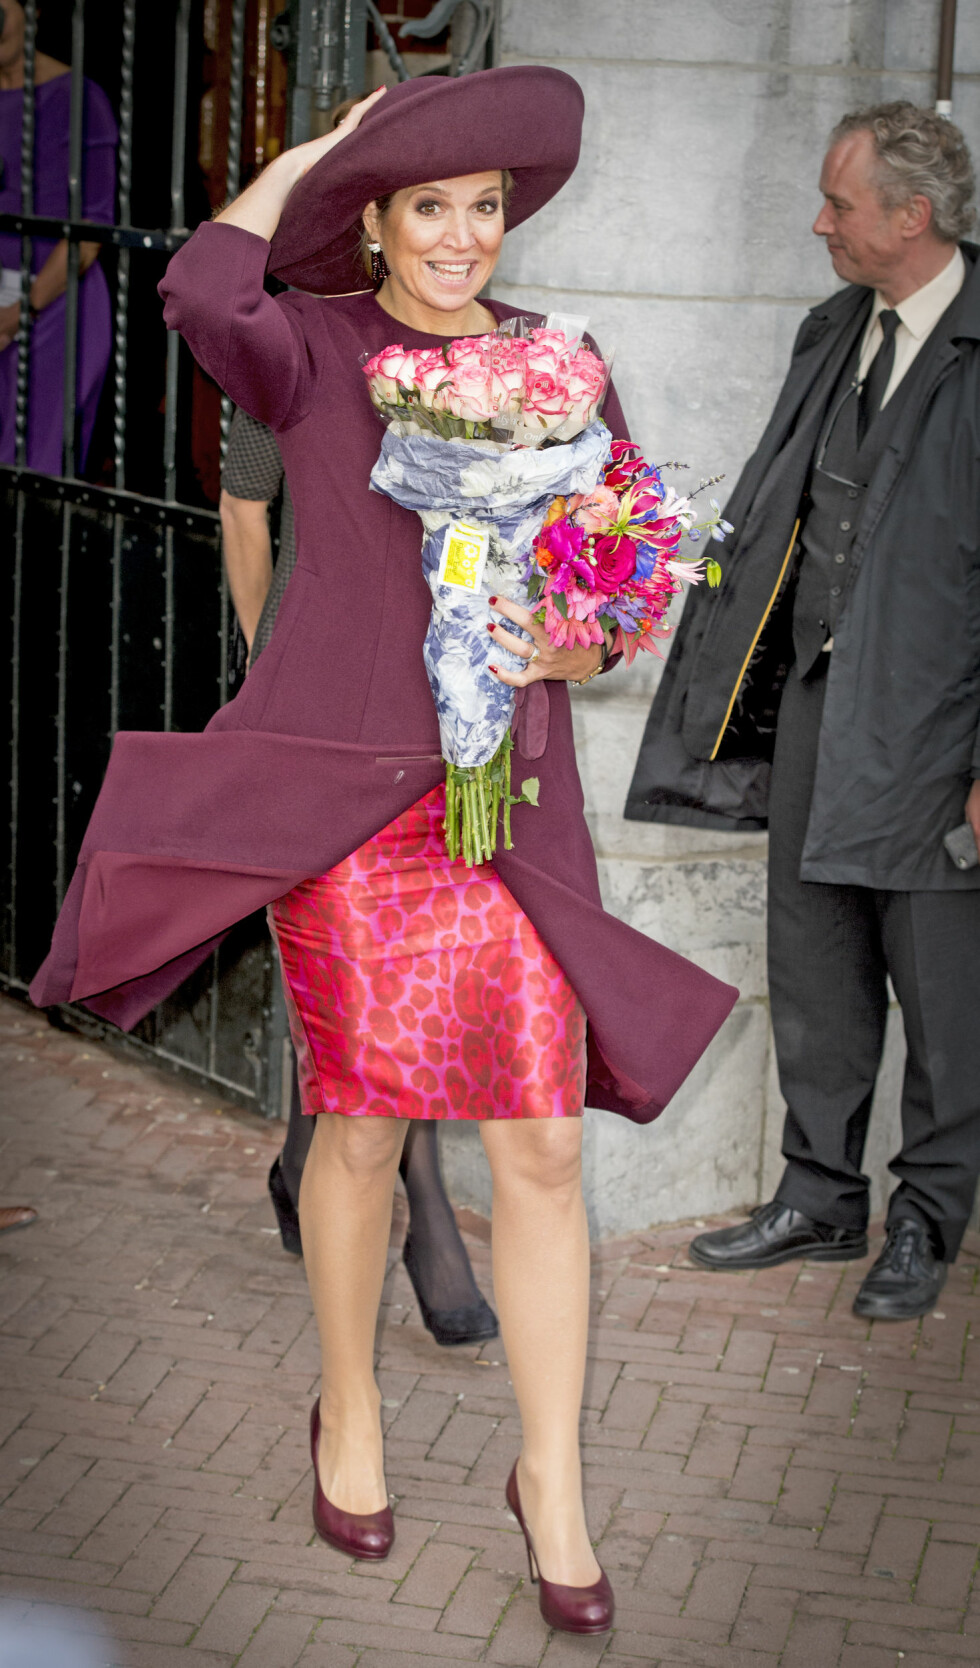 <strong>SÅ HATTEN PASSET:</strong> Dronning Maxima i et burgunderrødt antrekk under en offisiell tilstelning i Amsterdam i oktober. Foto: NTB Scanpix